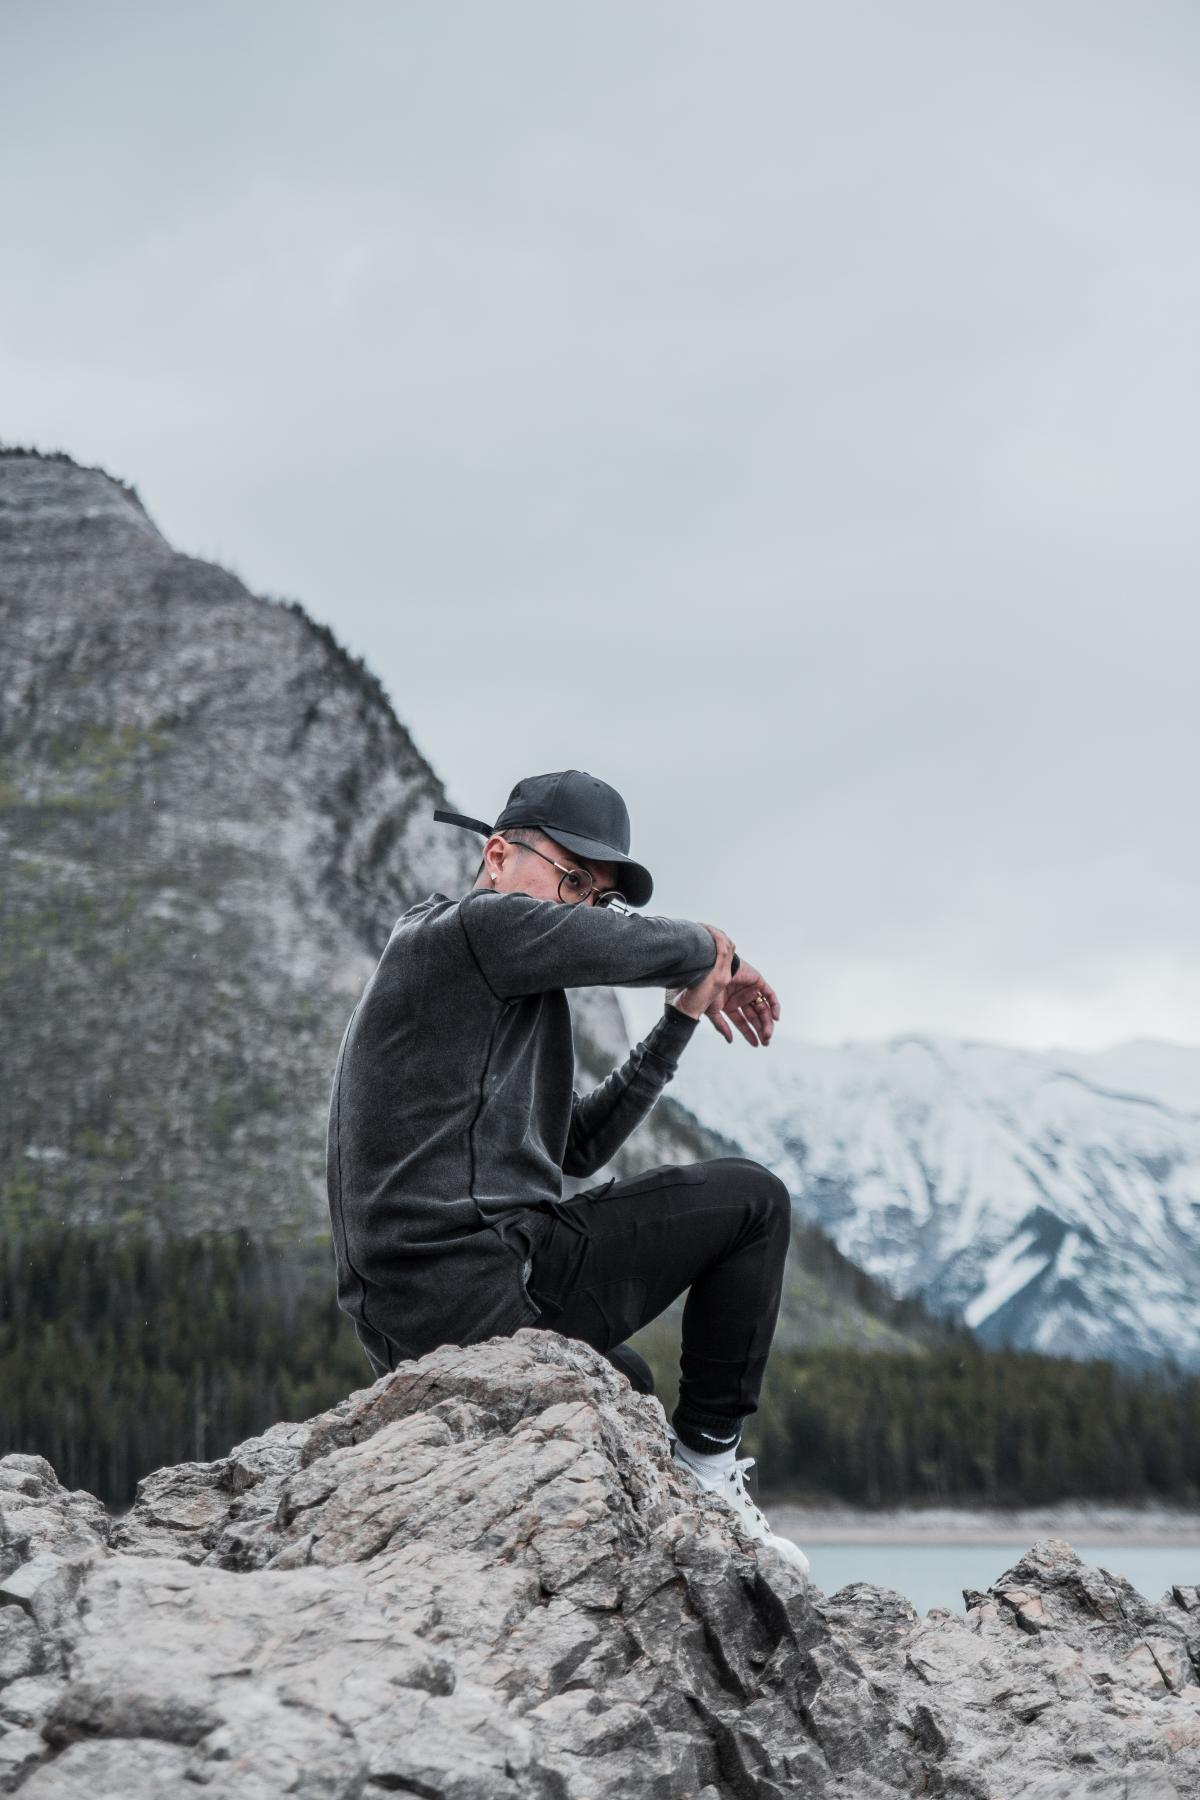 Mountain Crampon Hiking #420784